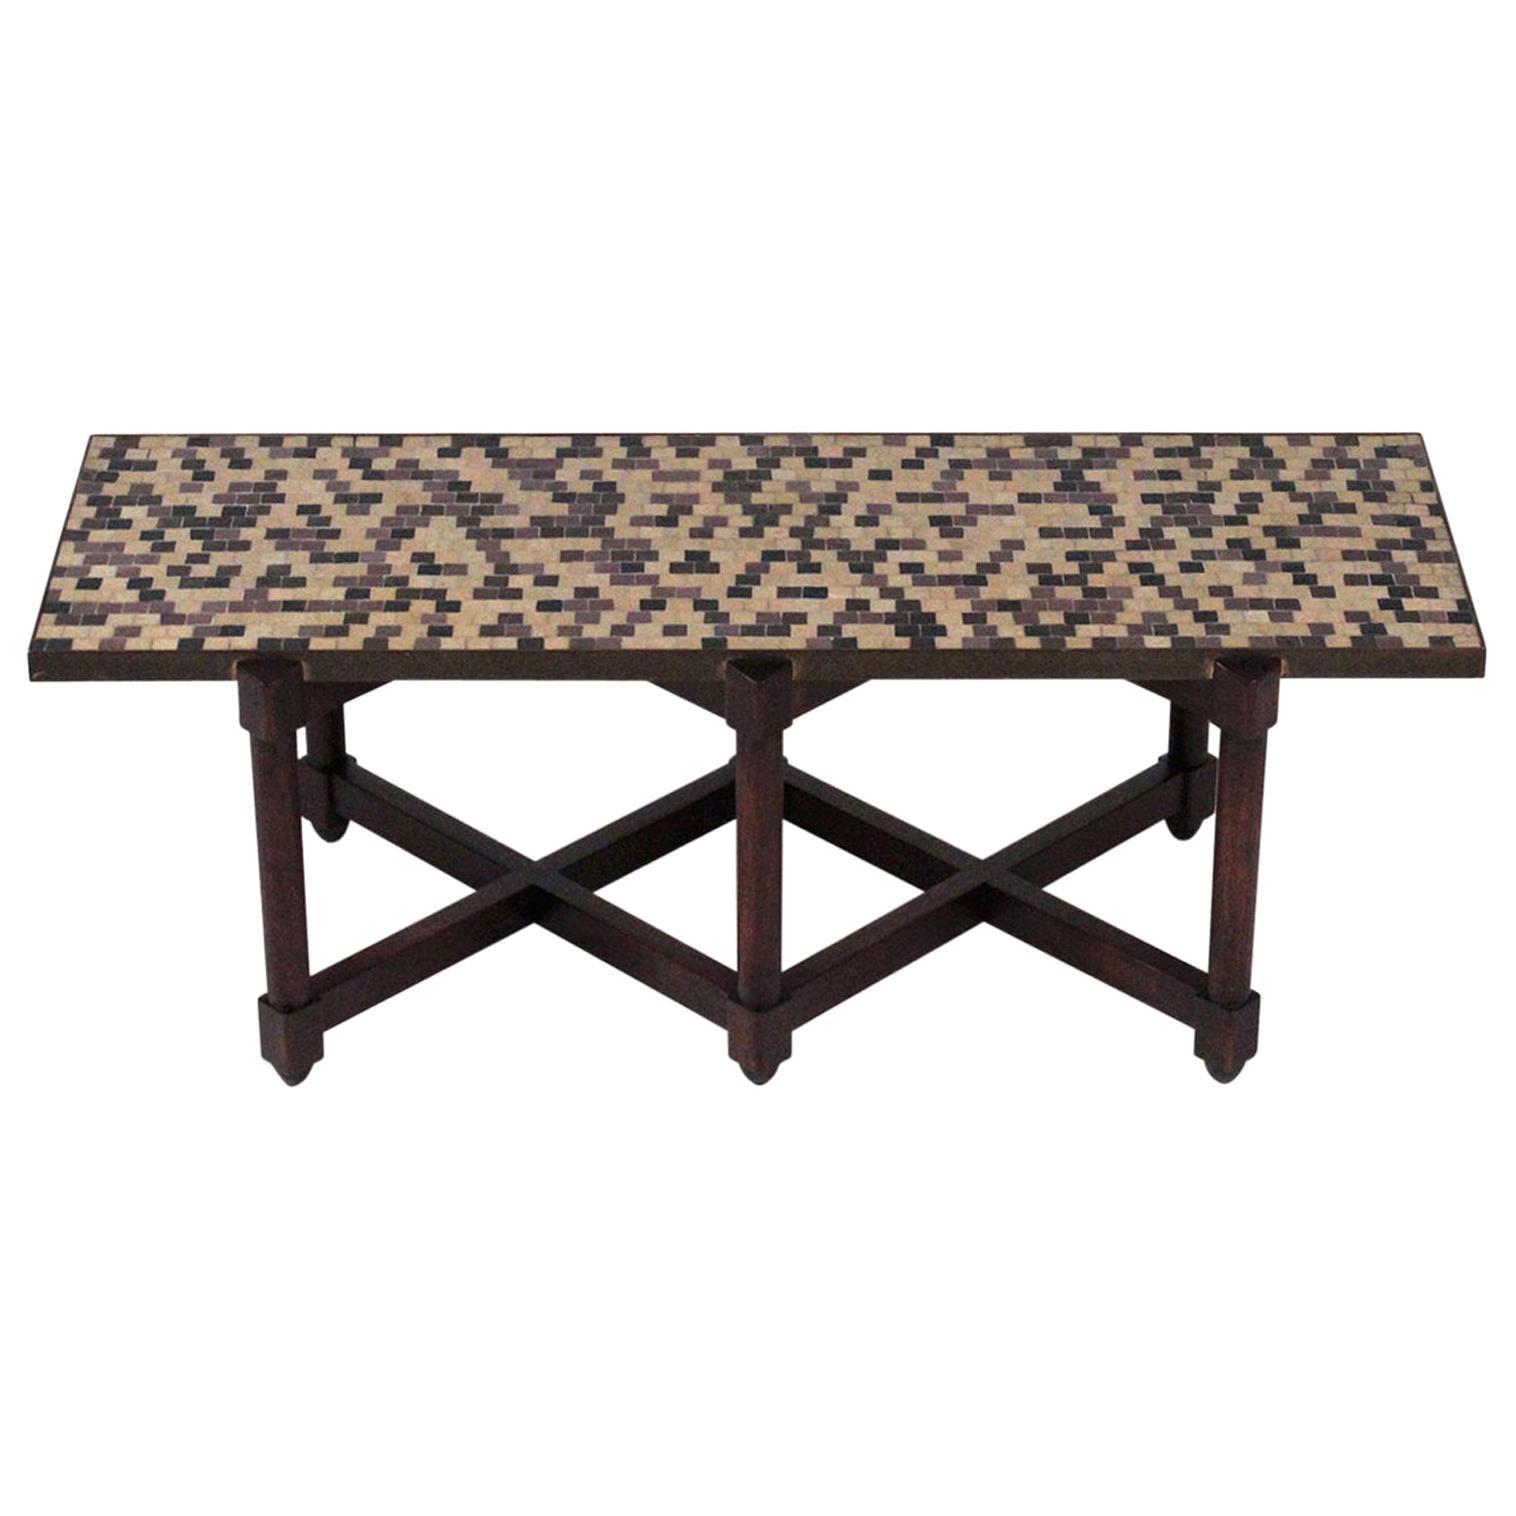 Edward Wormley for Dunbar Glass Tile Coffee Table